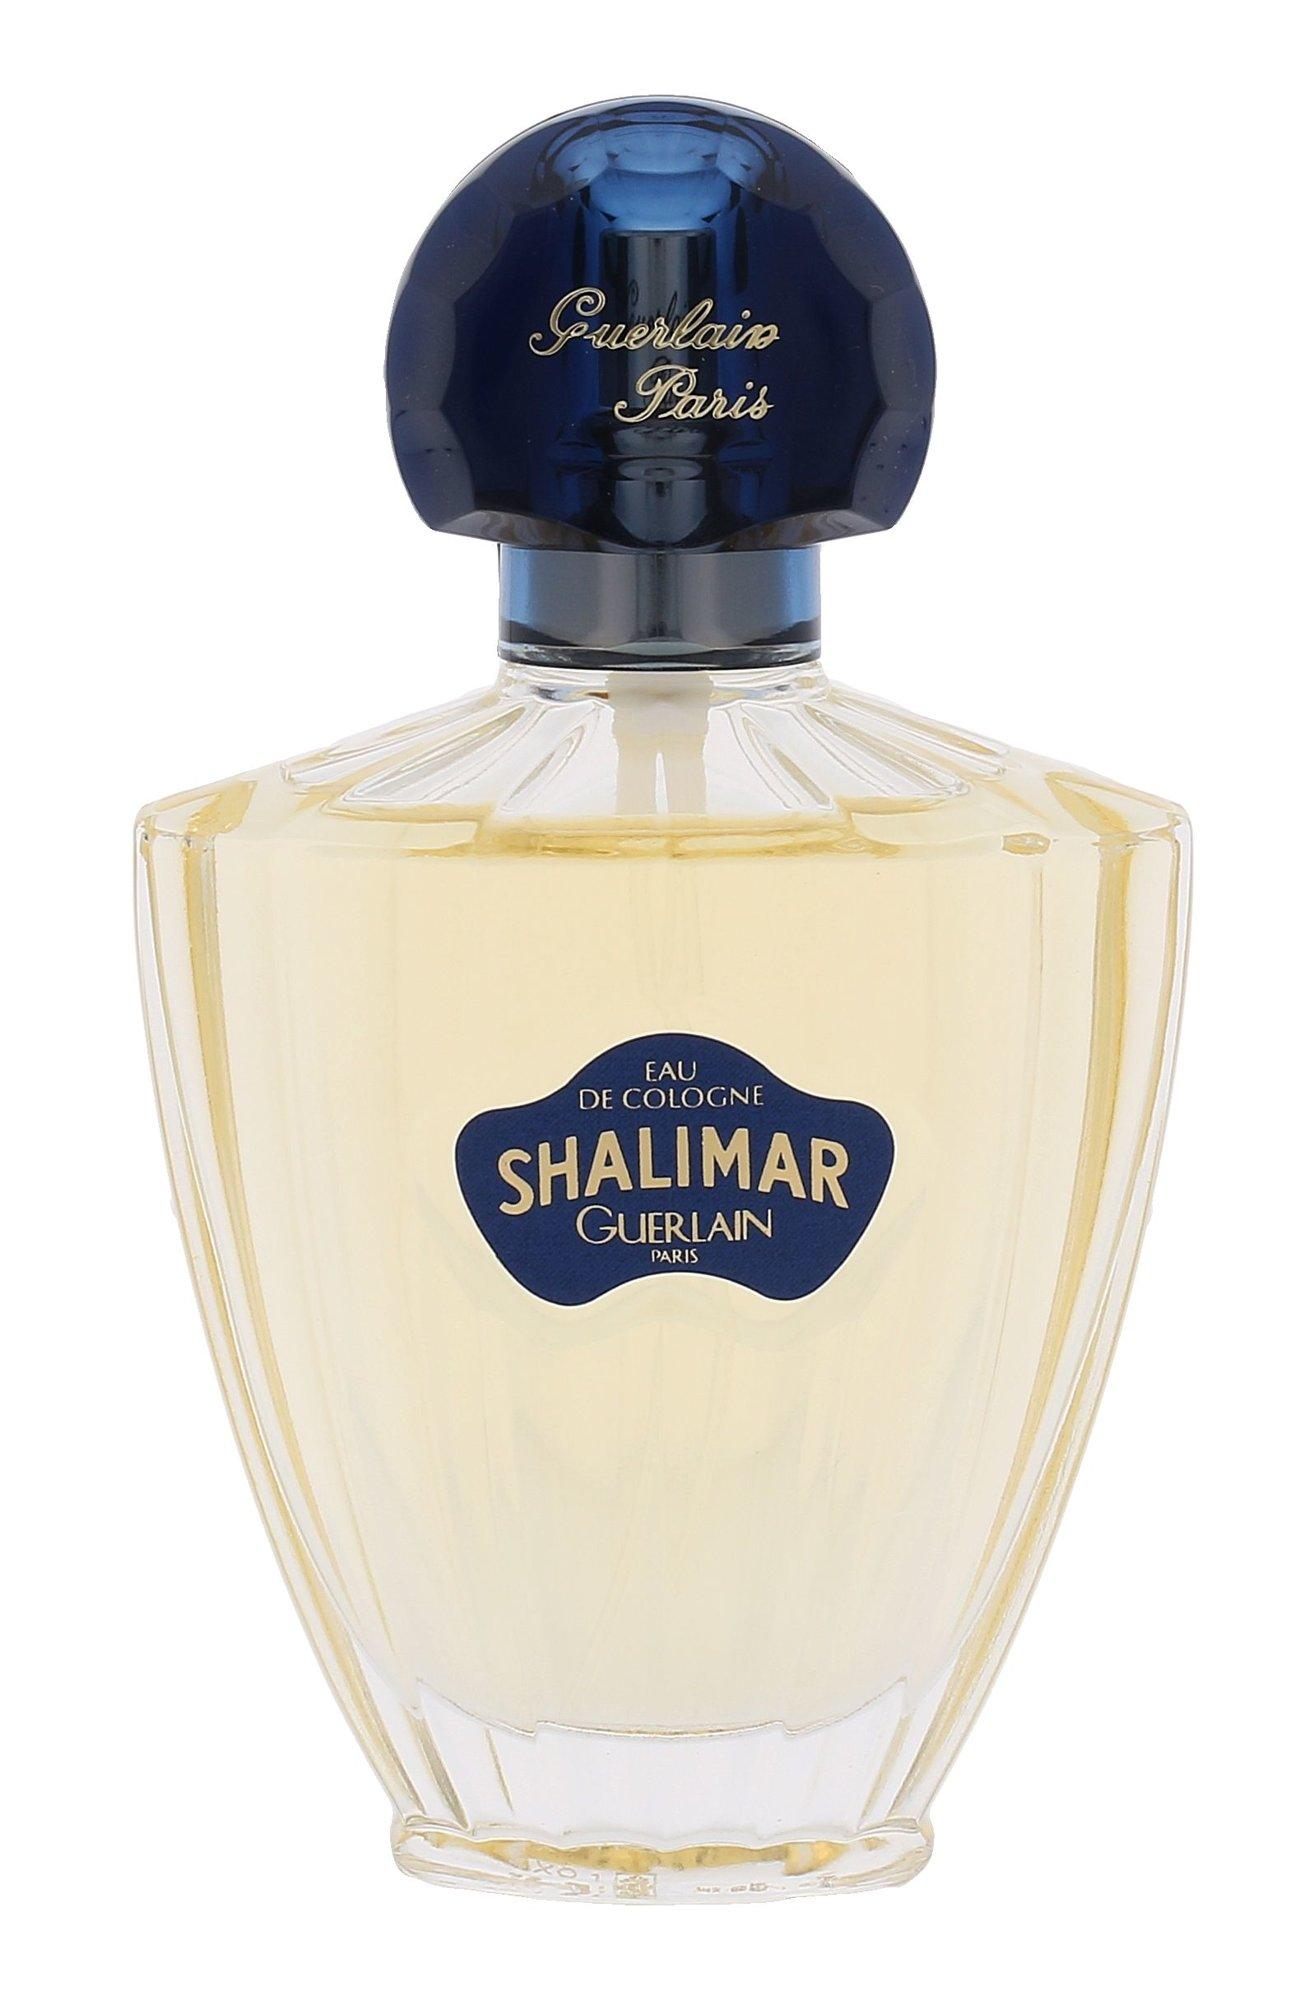 Guerlain Shalimar Eau de Cologne 75ml